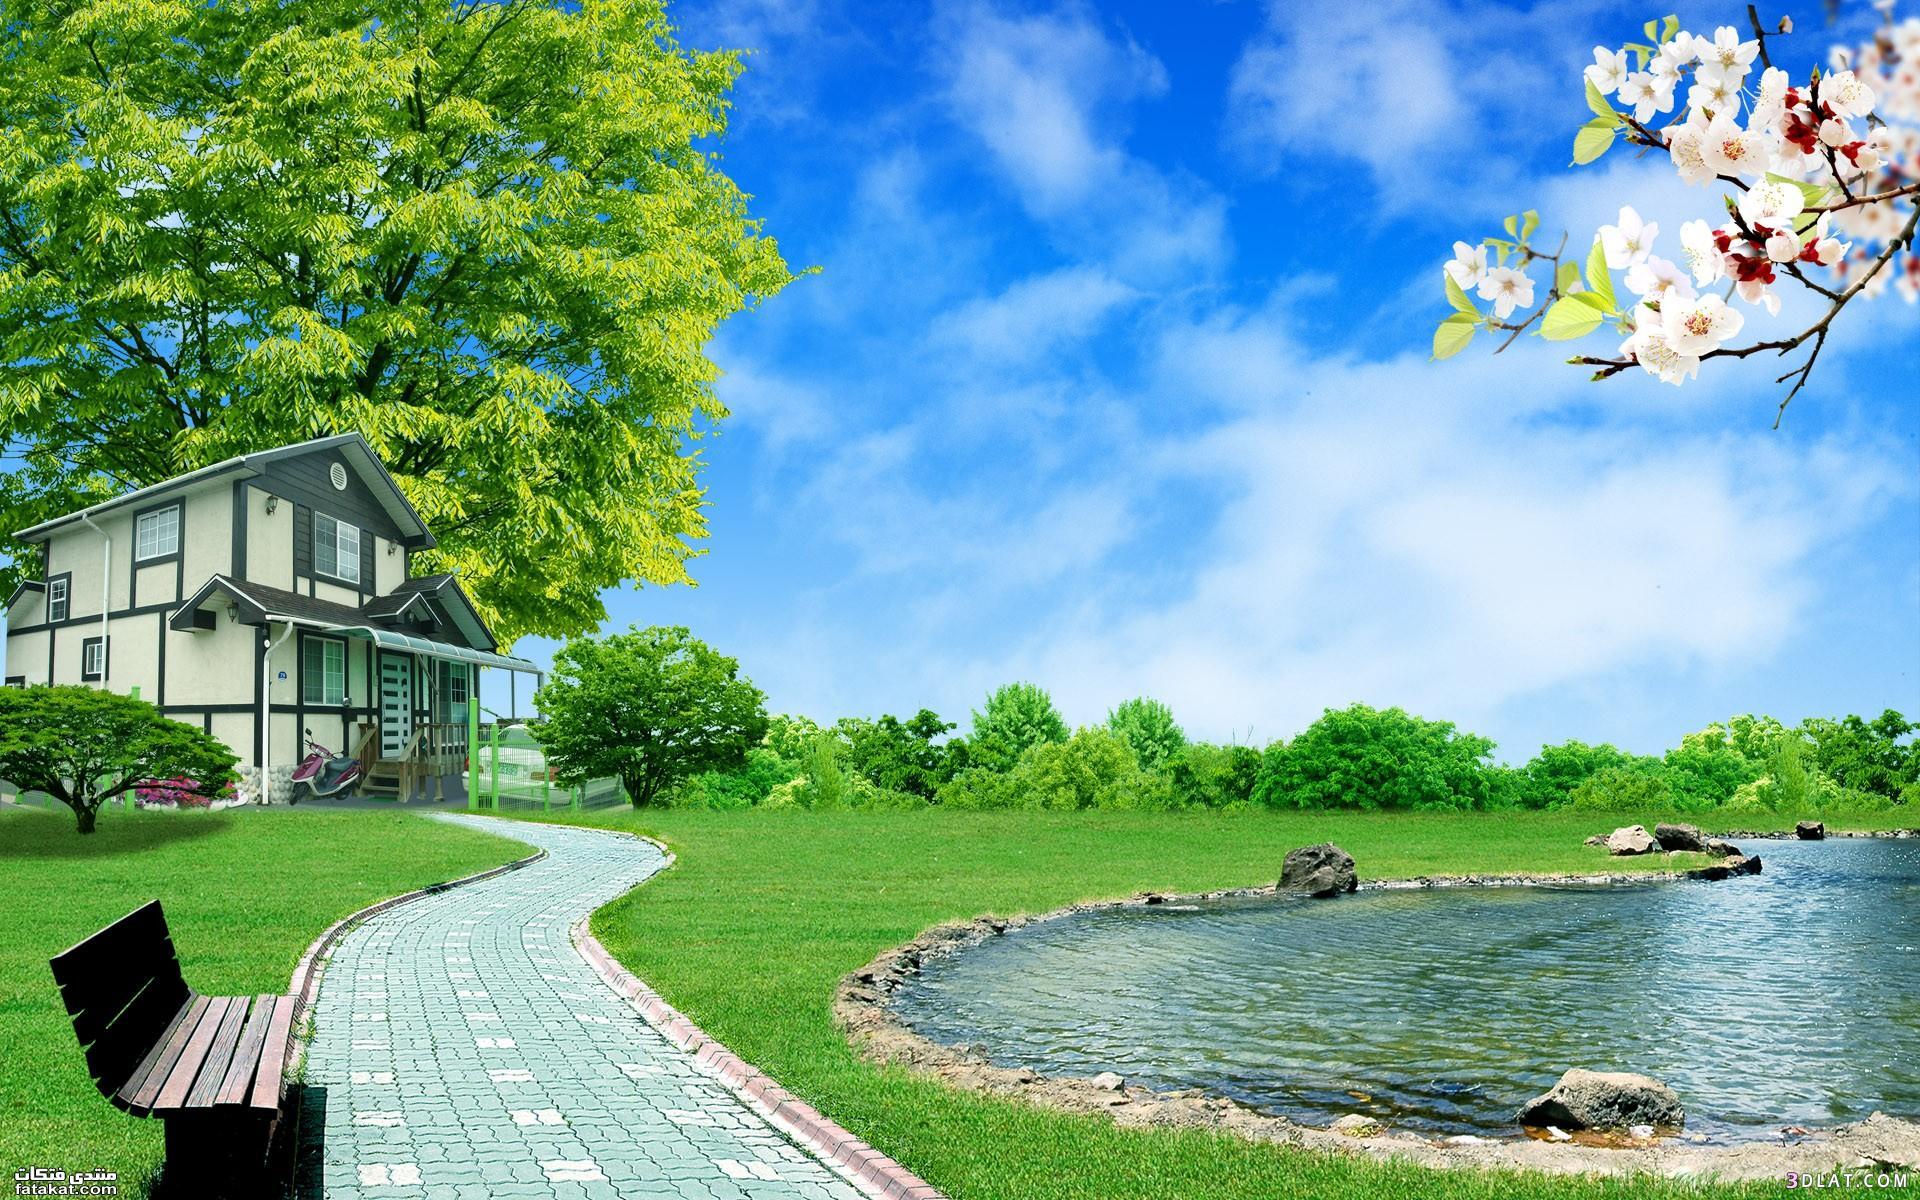 بالصور اجمل الخلفيات الطبيعية , خلفيا طبيعية روعة لسطح المكتب 9107